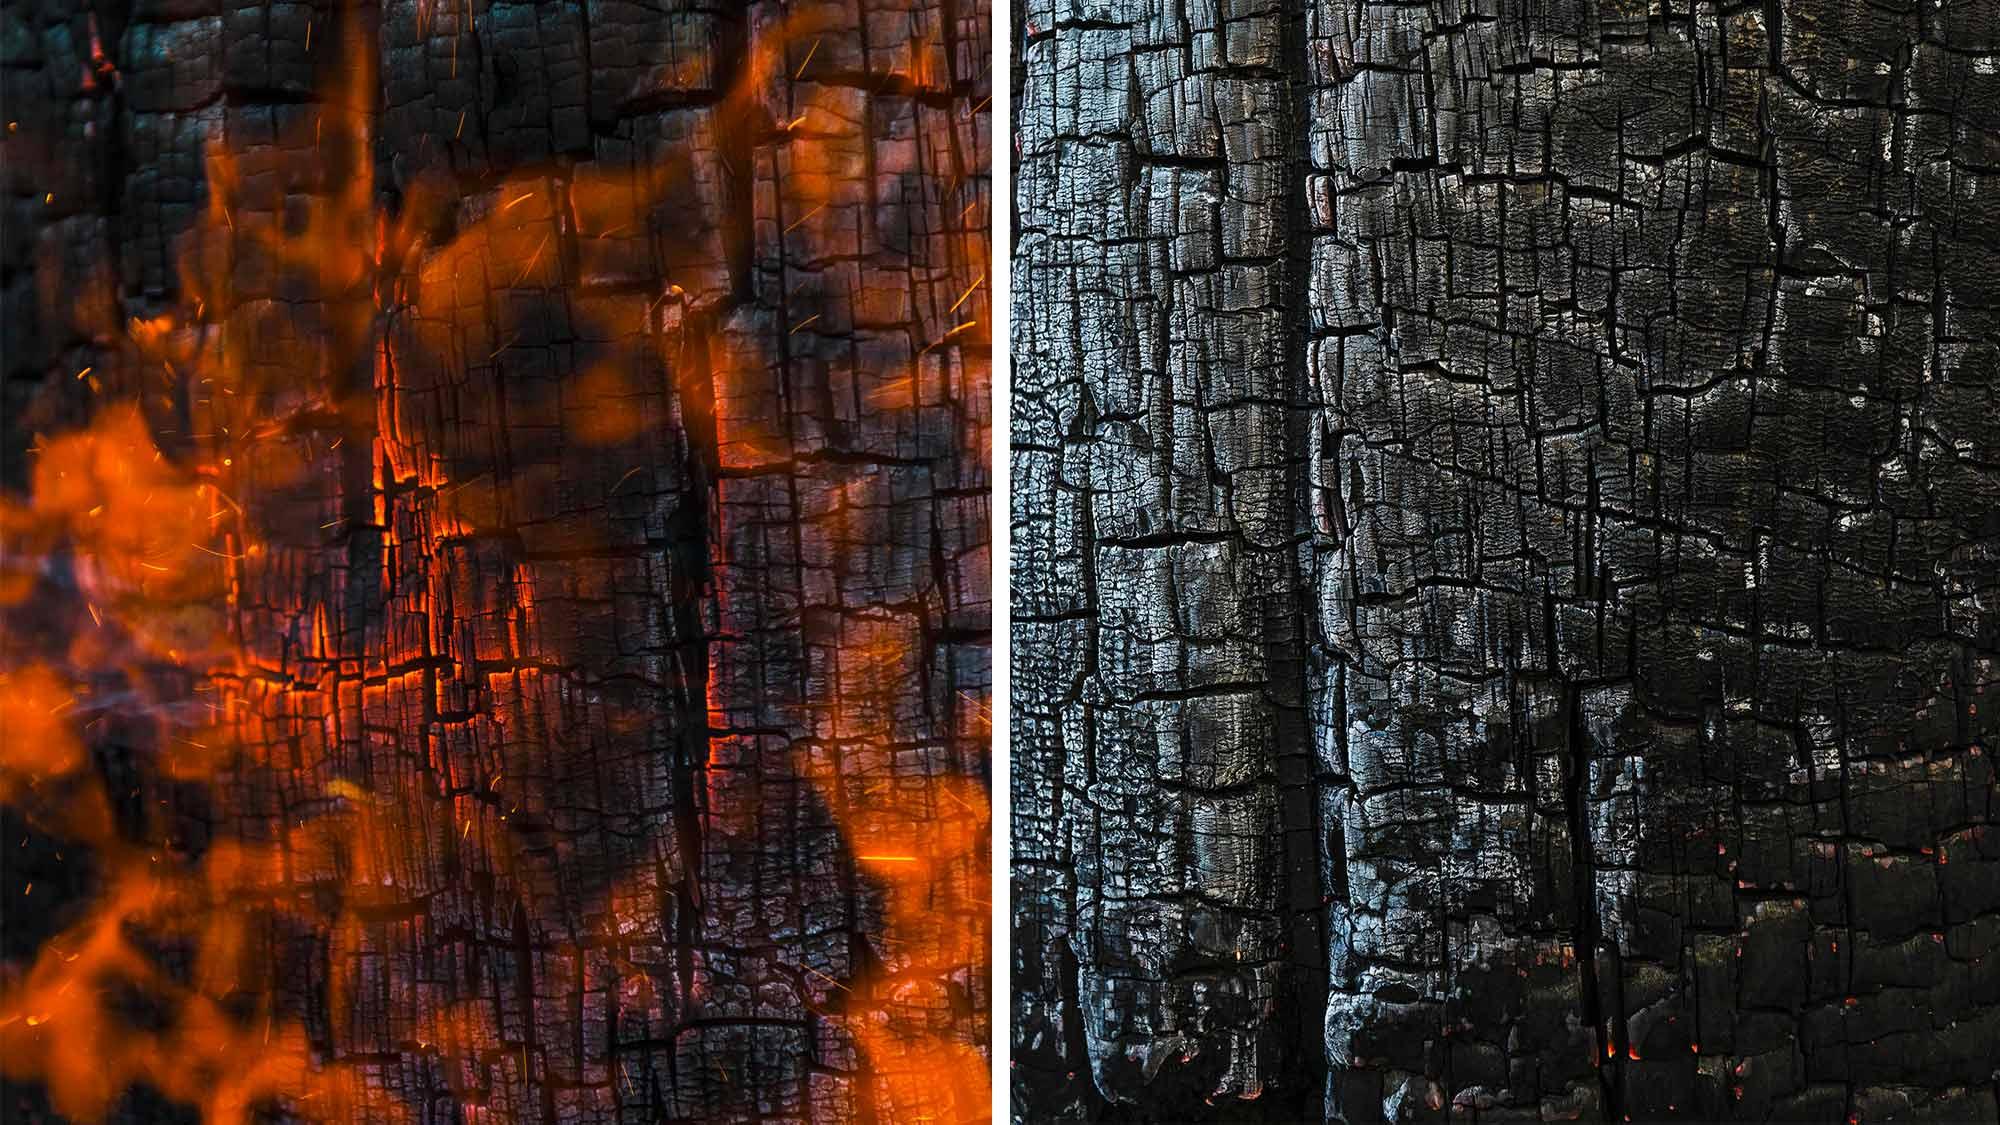 Shou Sugi Ban | La tecnica giapponese per conservare il legno con il fuoco